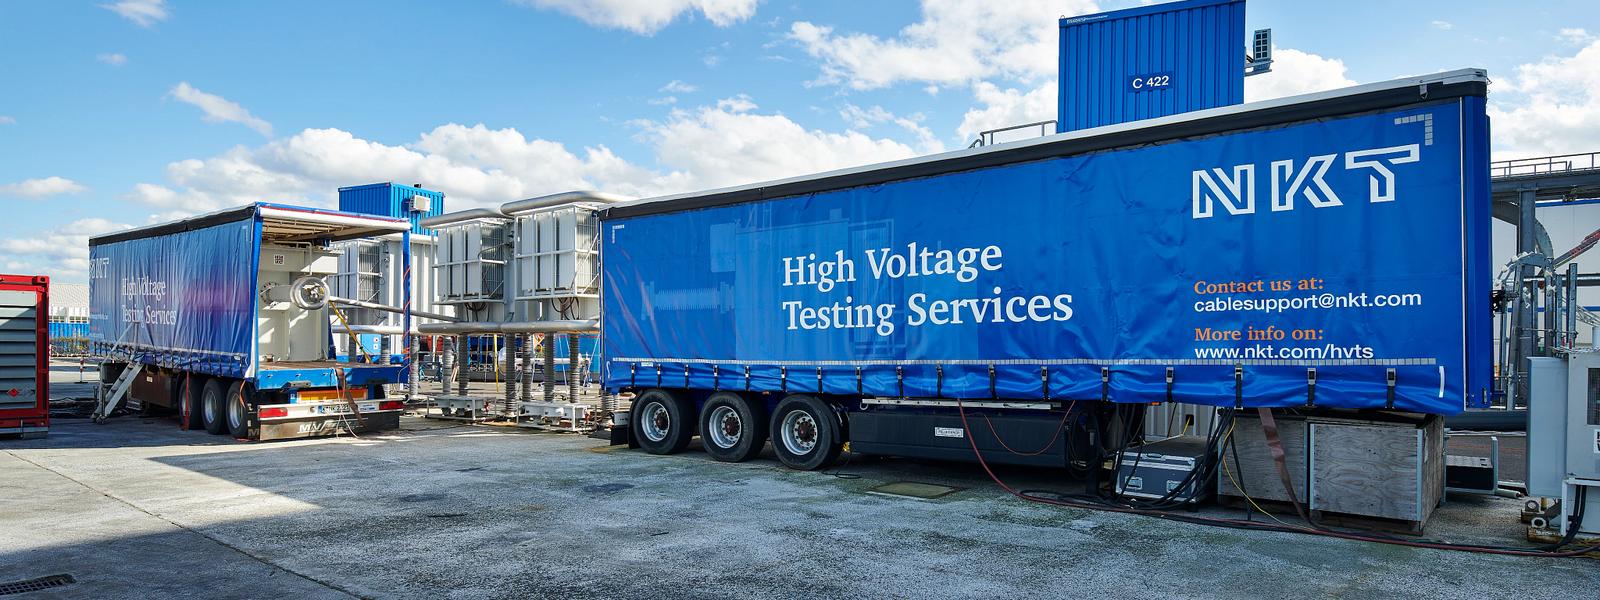 HV mobile test trailer